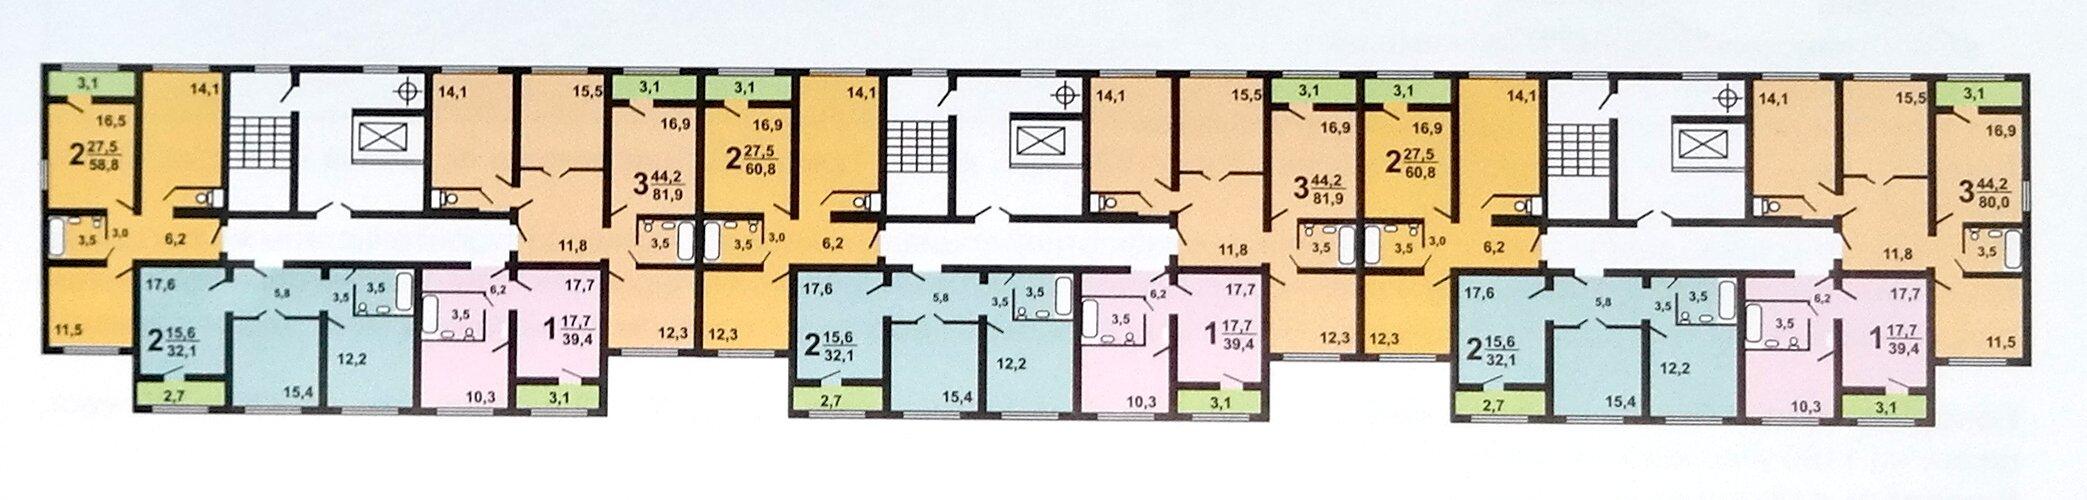 Планировки квартир в доме серии «ДОМНАД»